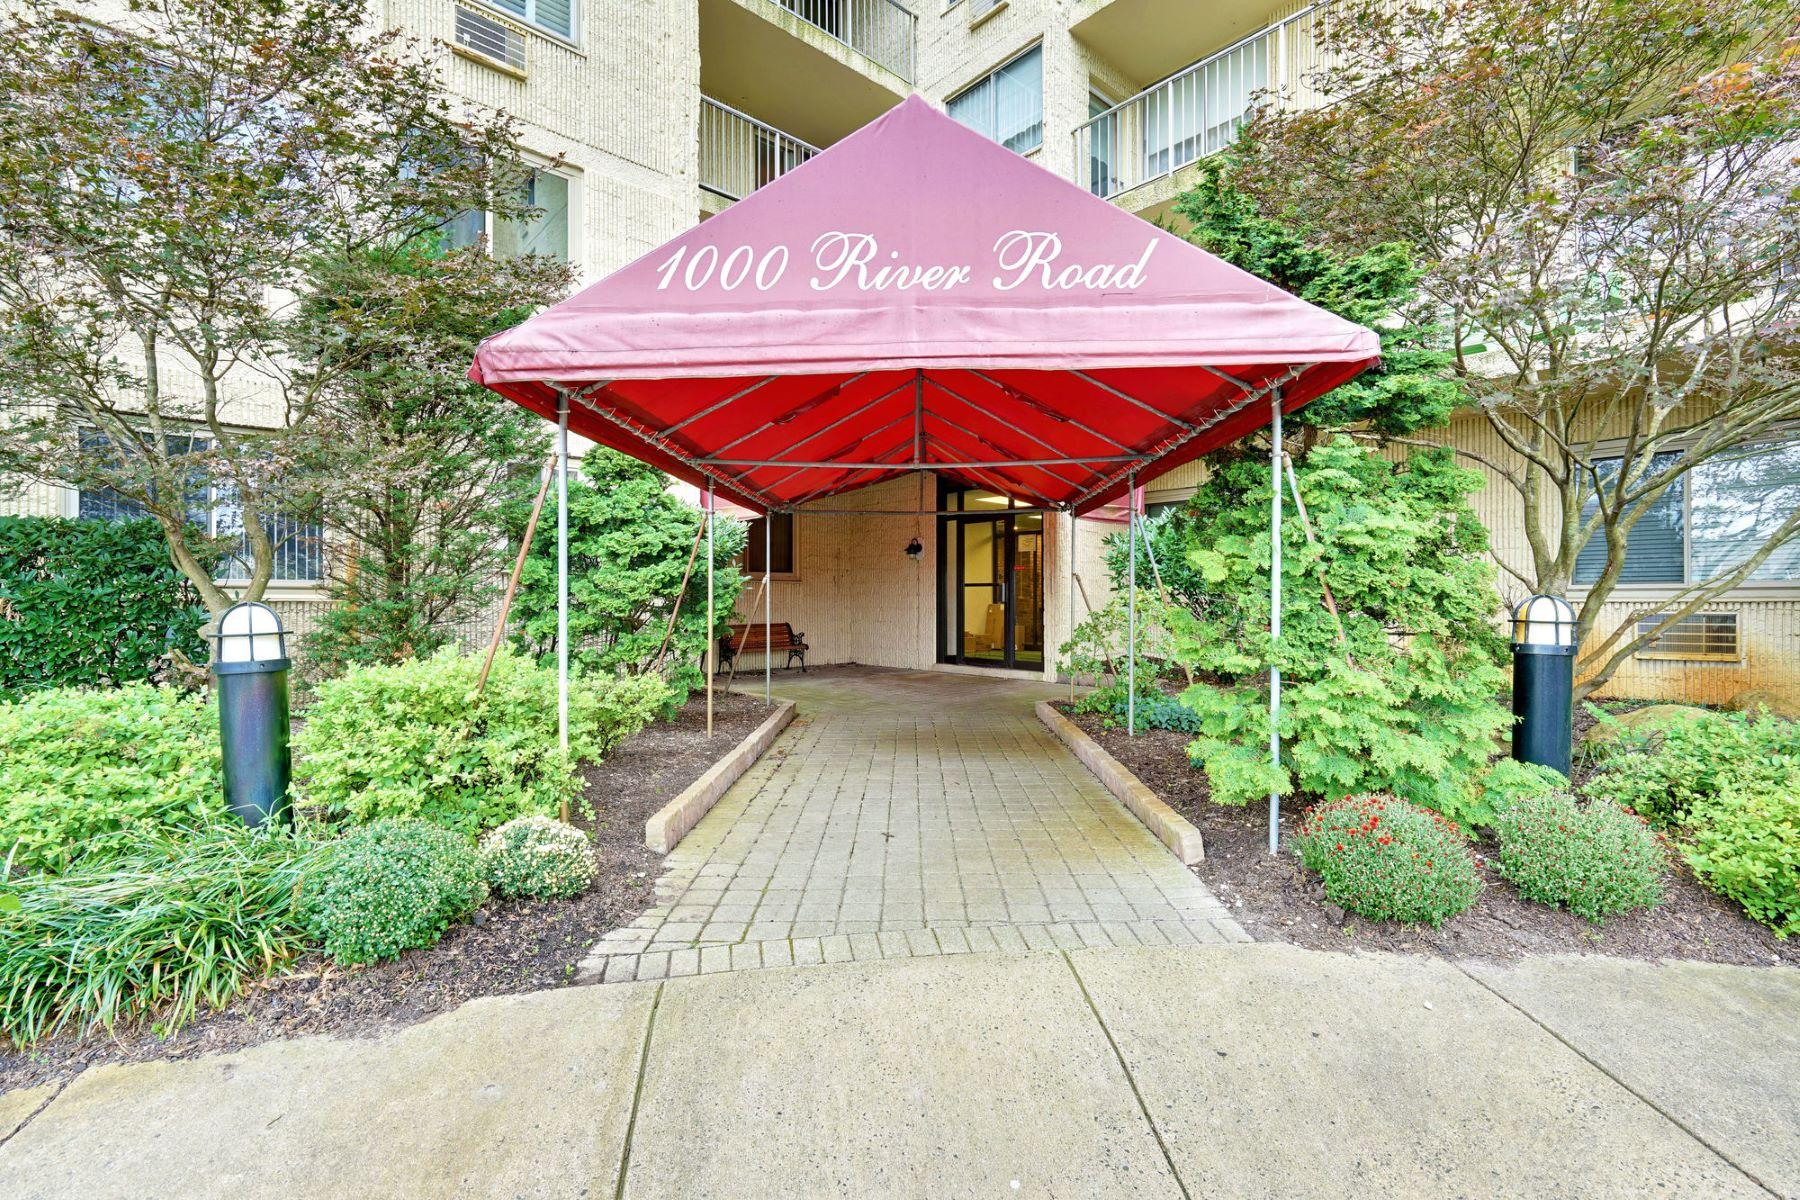 Condominiums por un Venta en Wake Up to an Ocean View 1000 River Road 8L Belmar, Nueva Jersey 07719 Estados Unidos